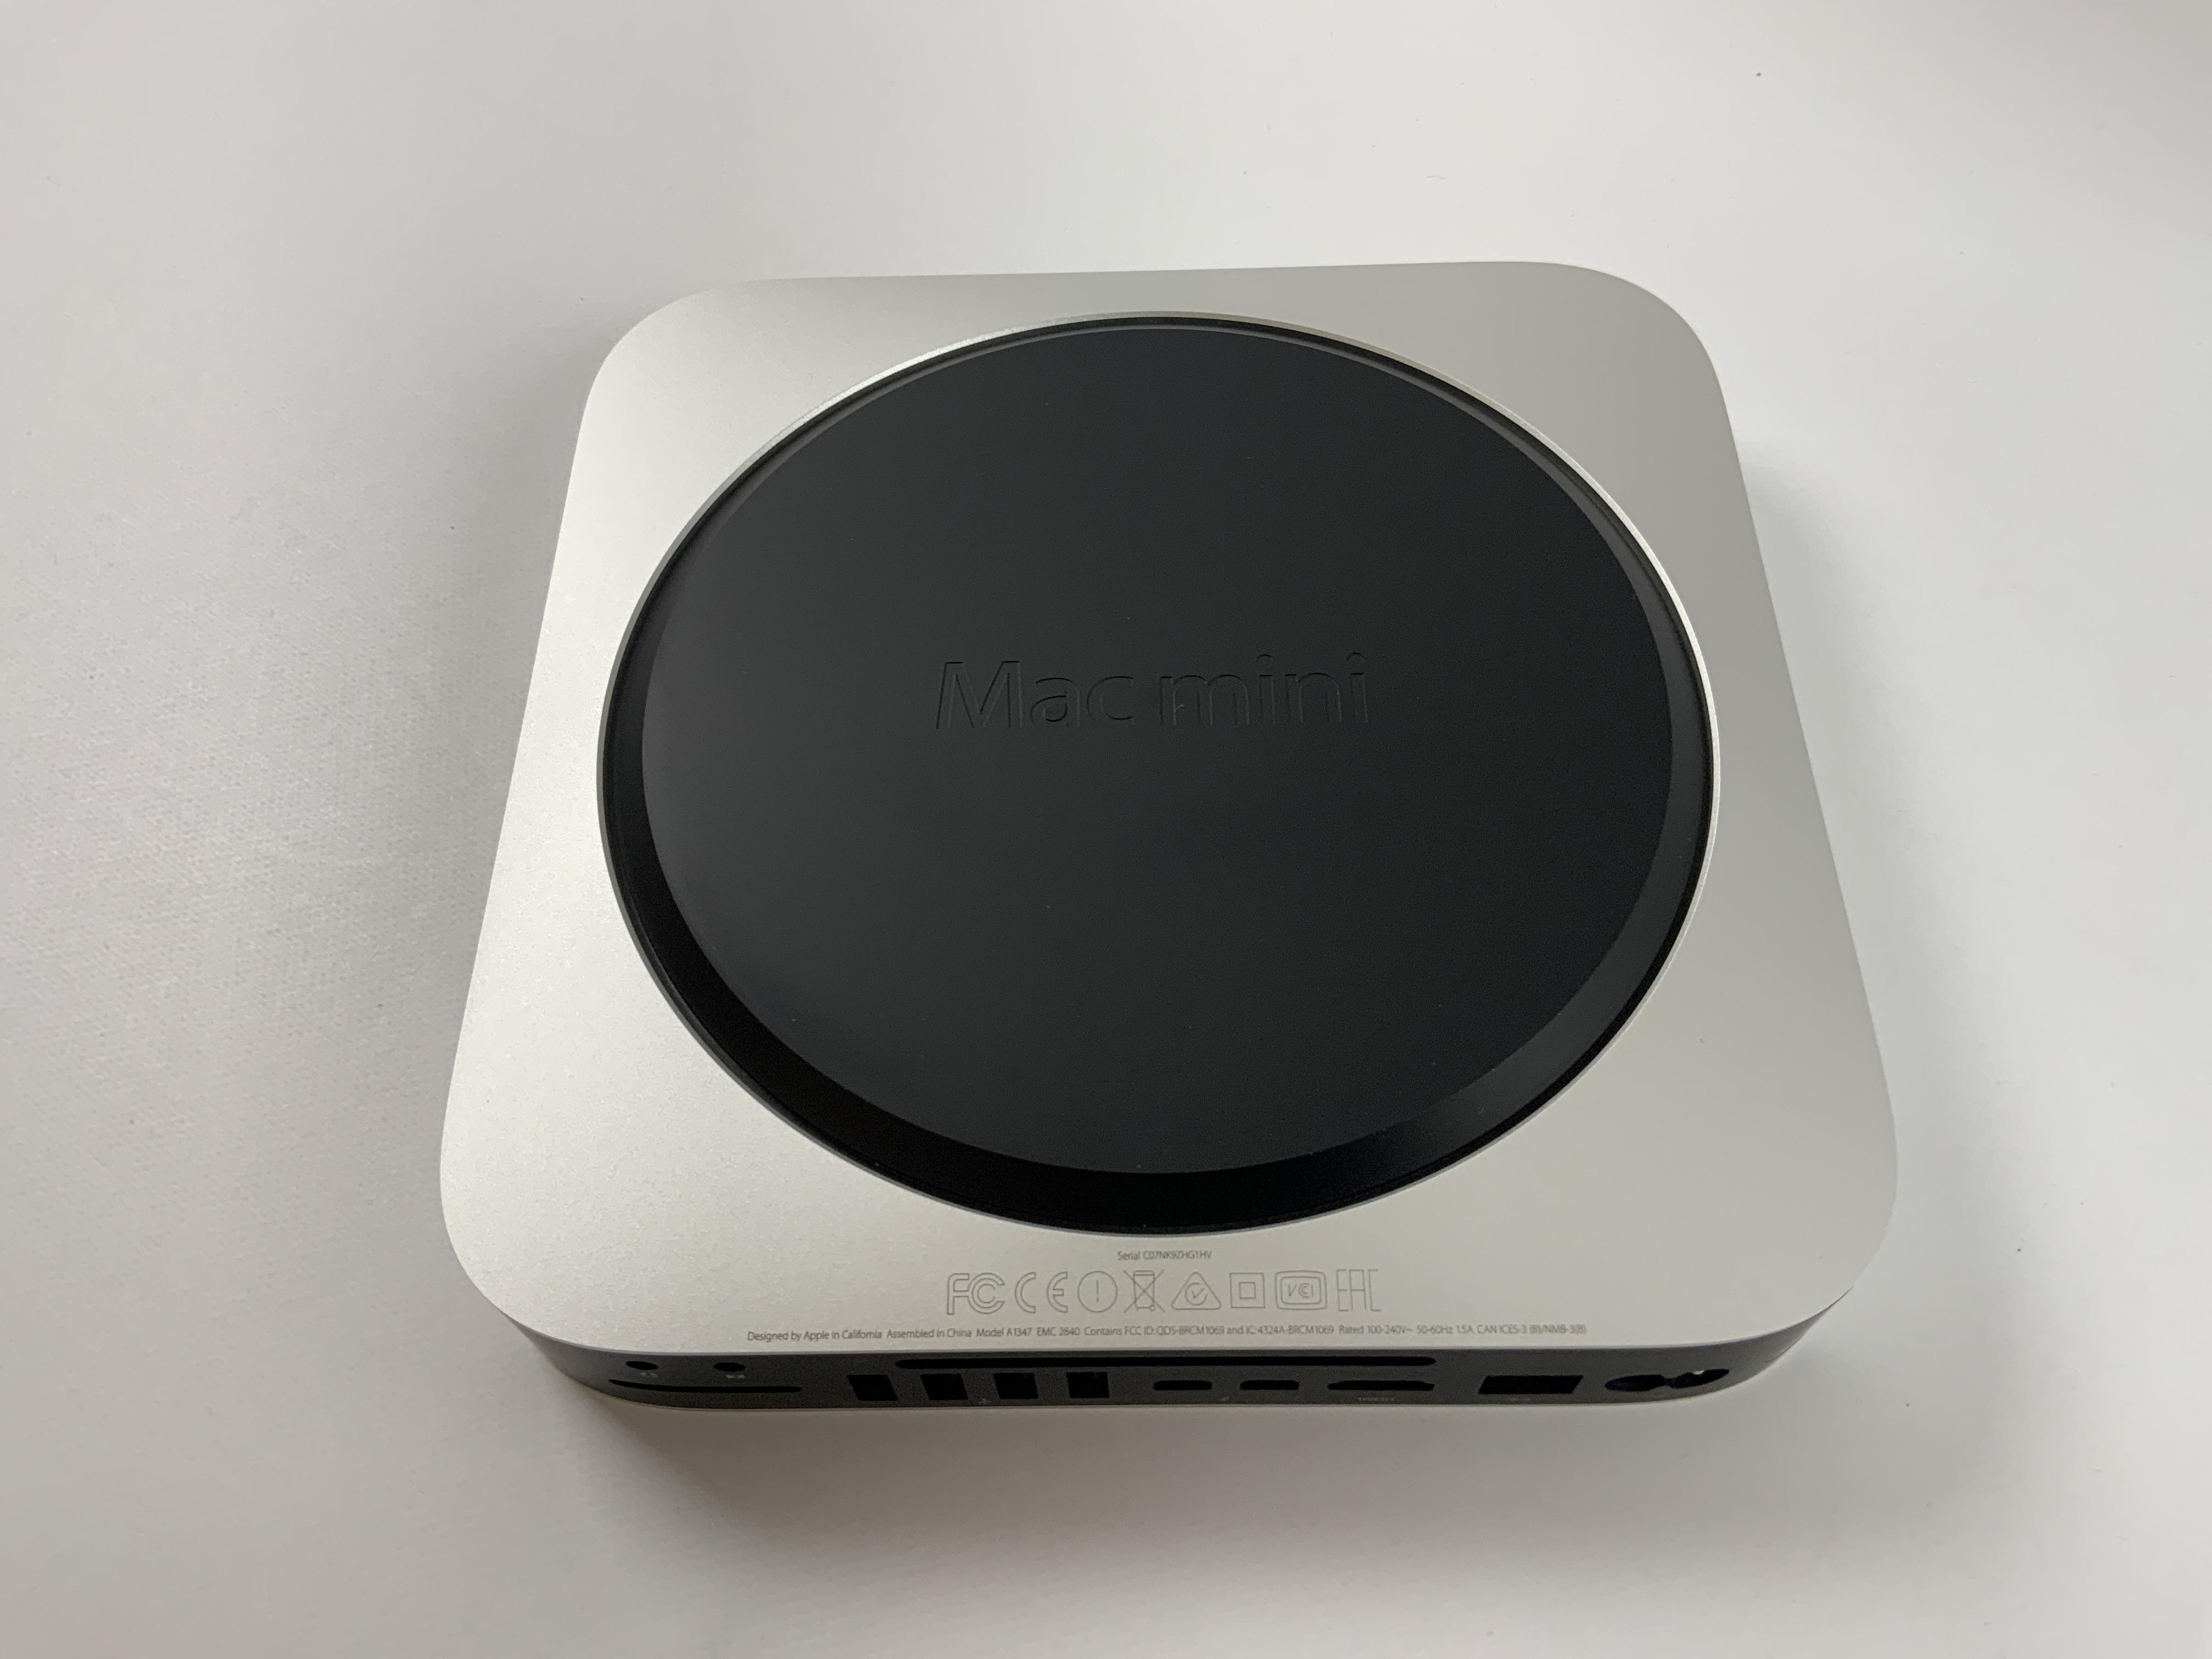 Mac Mini Late 2014 (Intel Core i5 1.4 GHz 4 GB RAM 500 GB HDD), Intel Core i5 1.4 GHz, 4 GB RAM, 500 GB HDD, Kuva 2